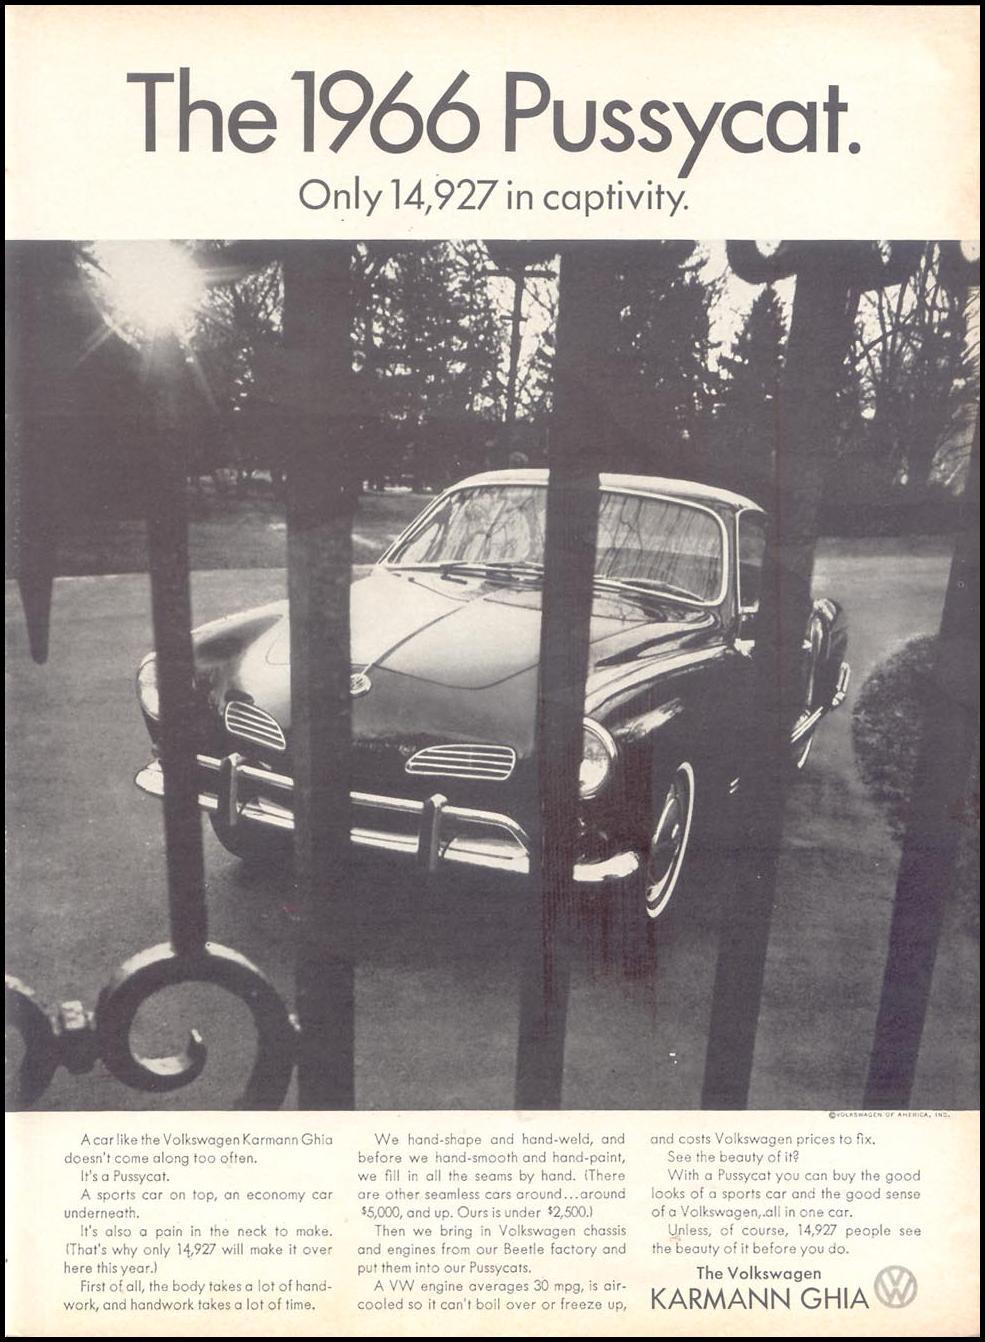 VOLKSWAGEN AUTOMOBILES TIME 03/11/1966 p. 85